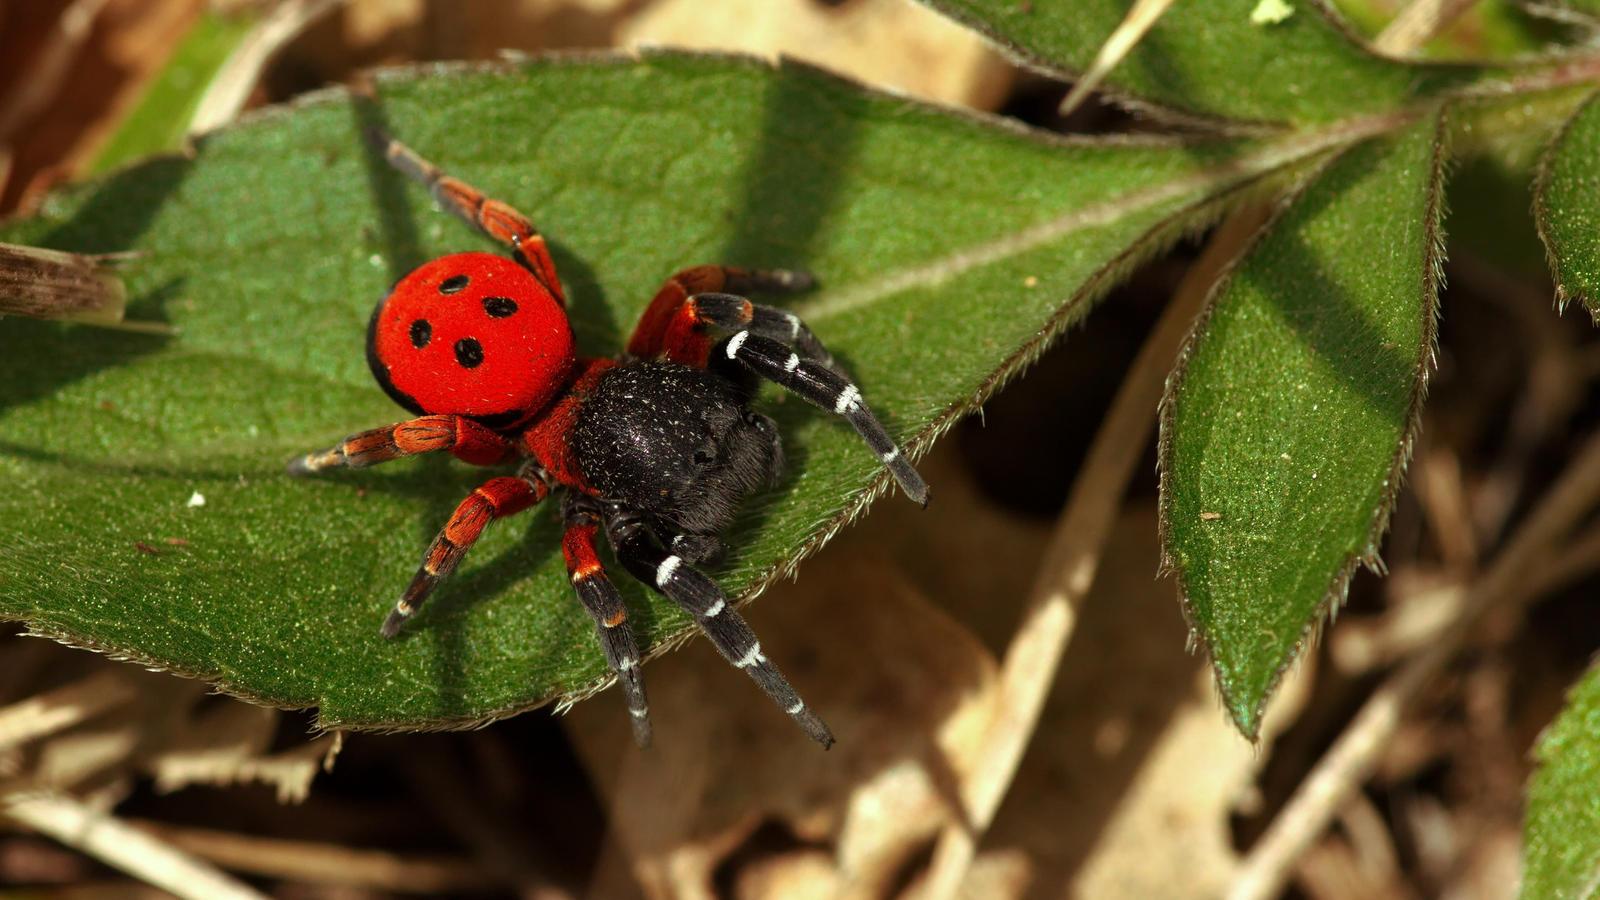 ladybird spider by blackasmodeus